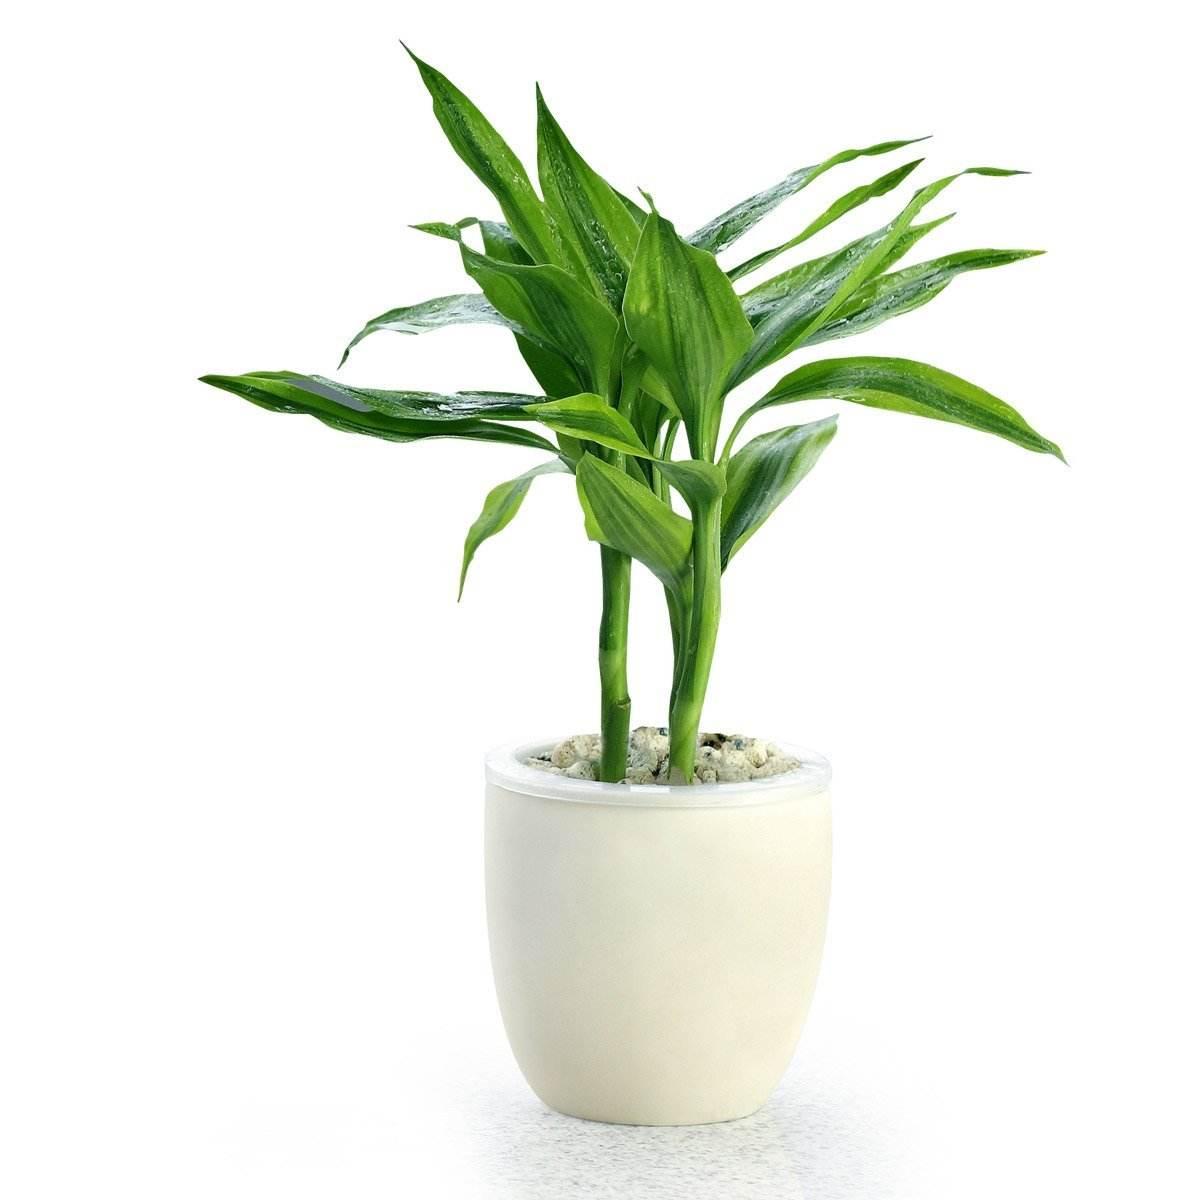 房子装修完后用什么风水植物进行装饰?,需要注意什么?